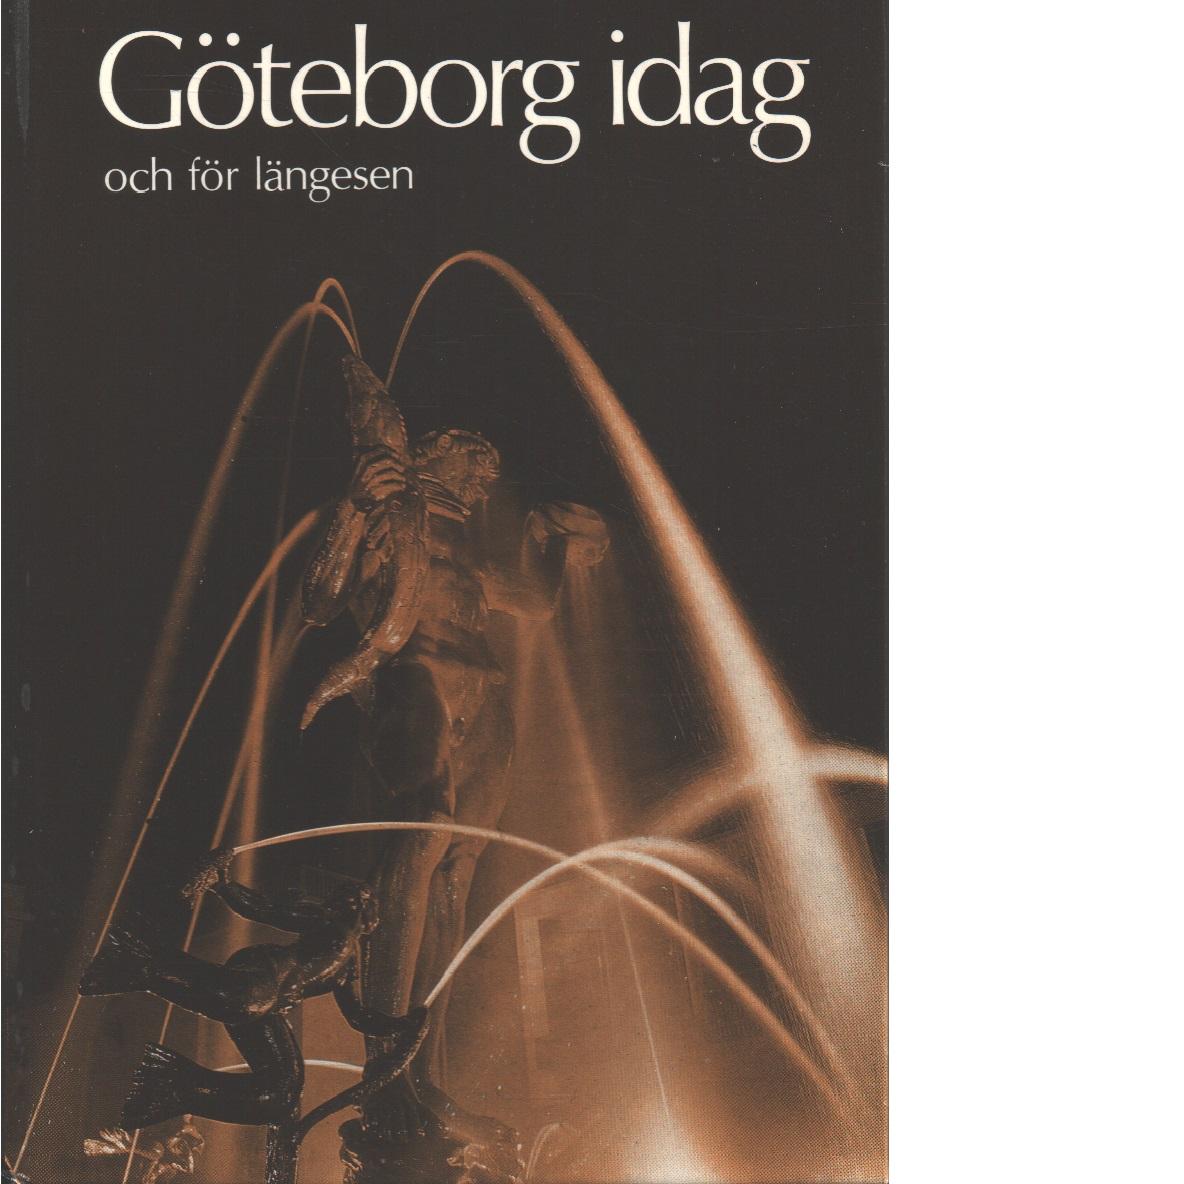 Göteborg idag och för längesen - Bondeson, Gustaf